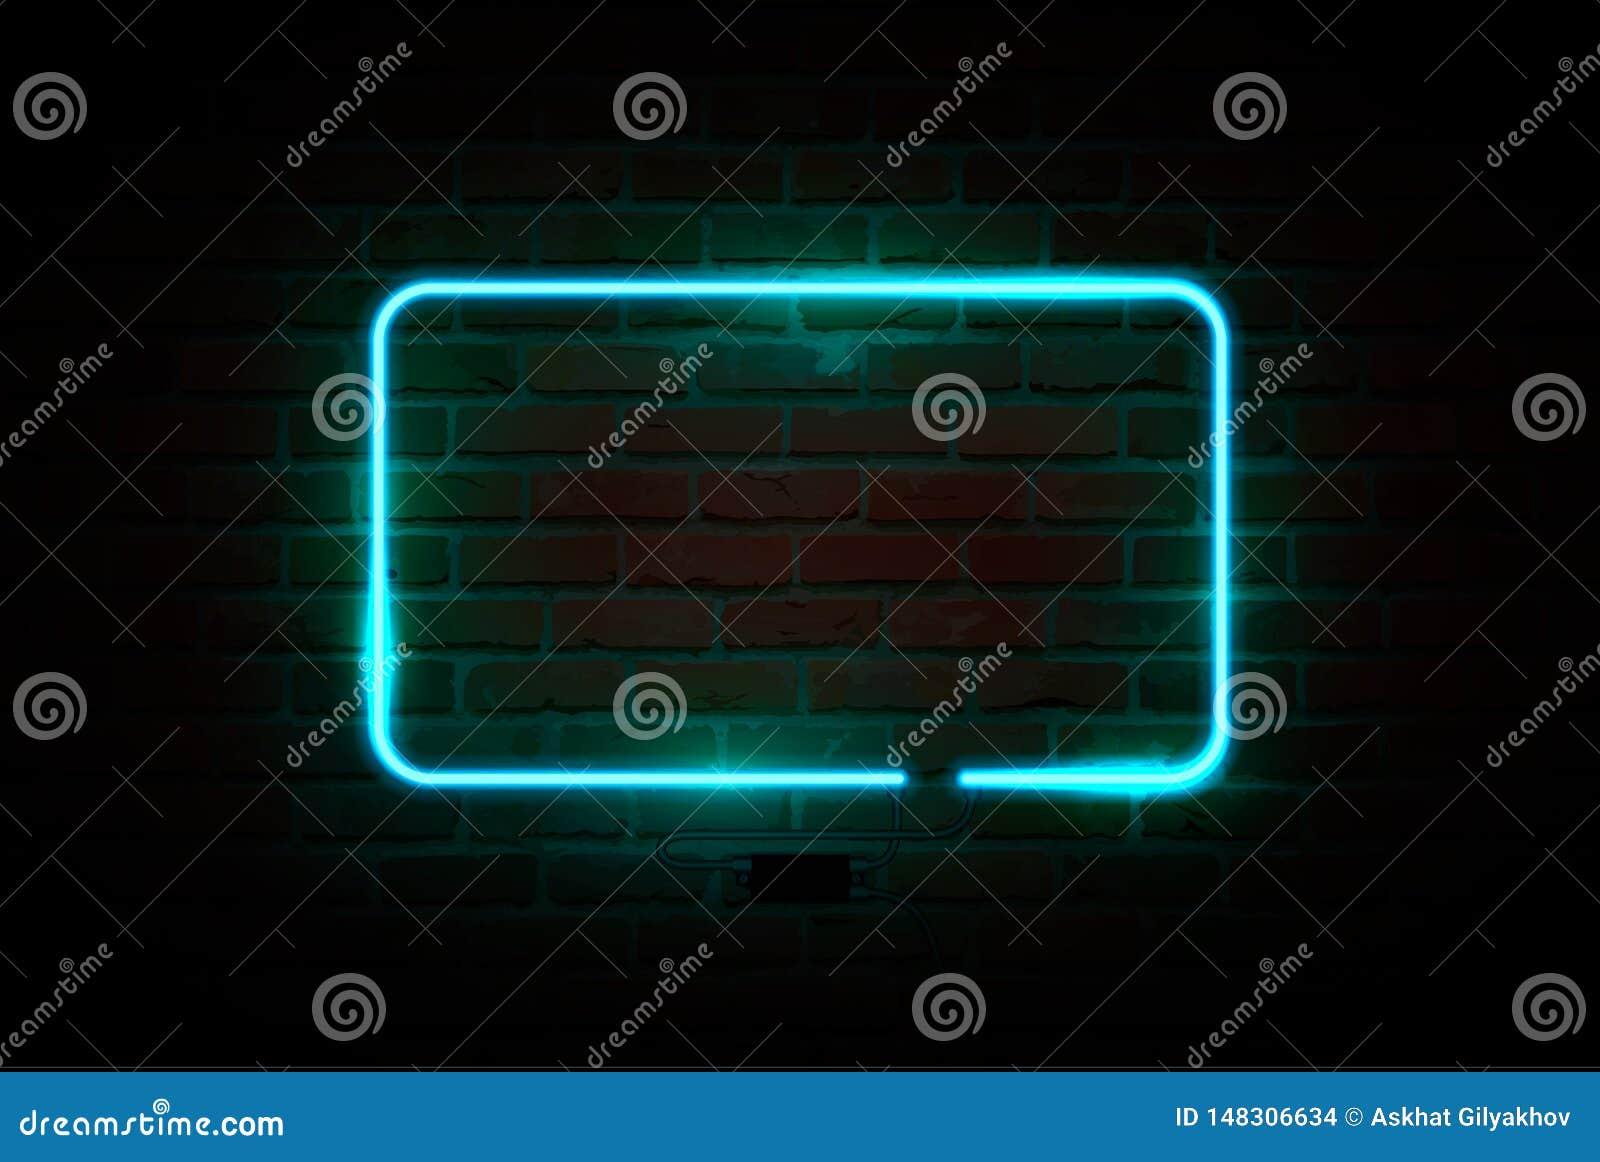 霓虹灯广告,明亮的牌,发光的横幅 r